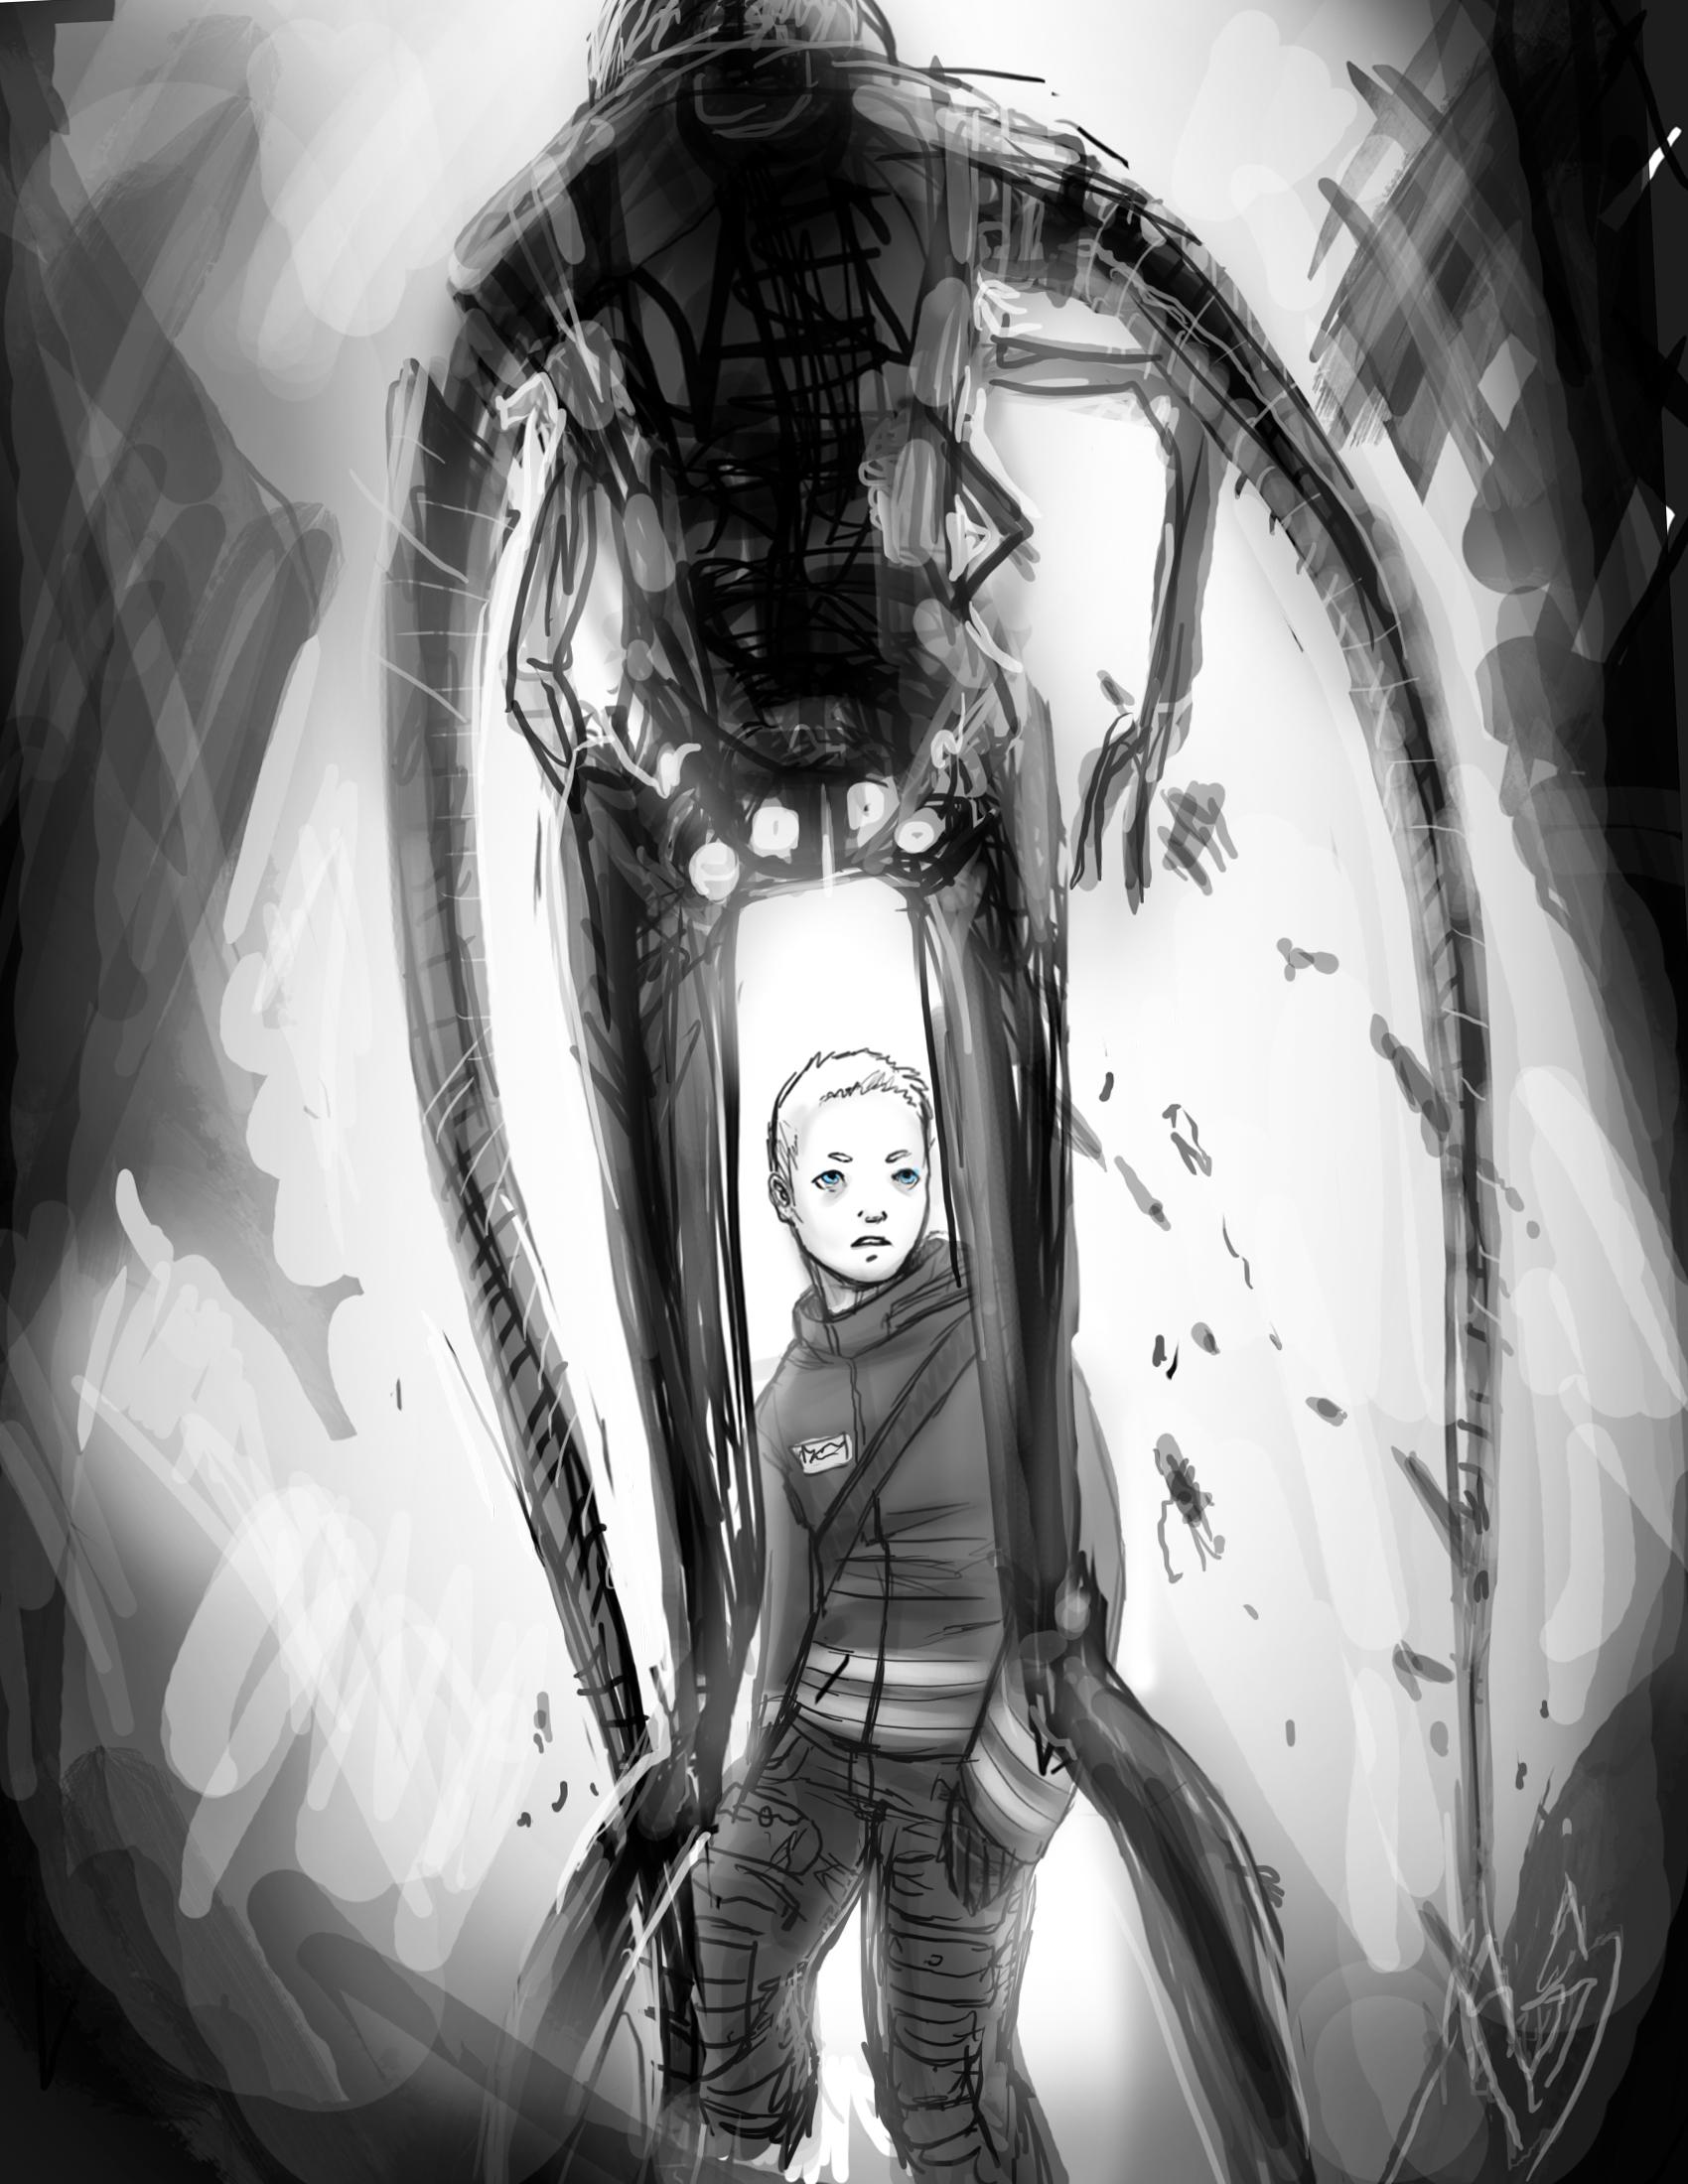 The Dollhouse pg 9